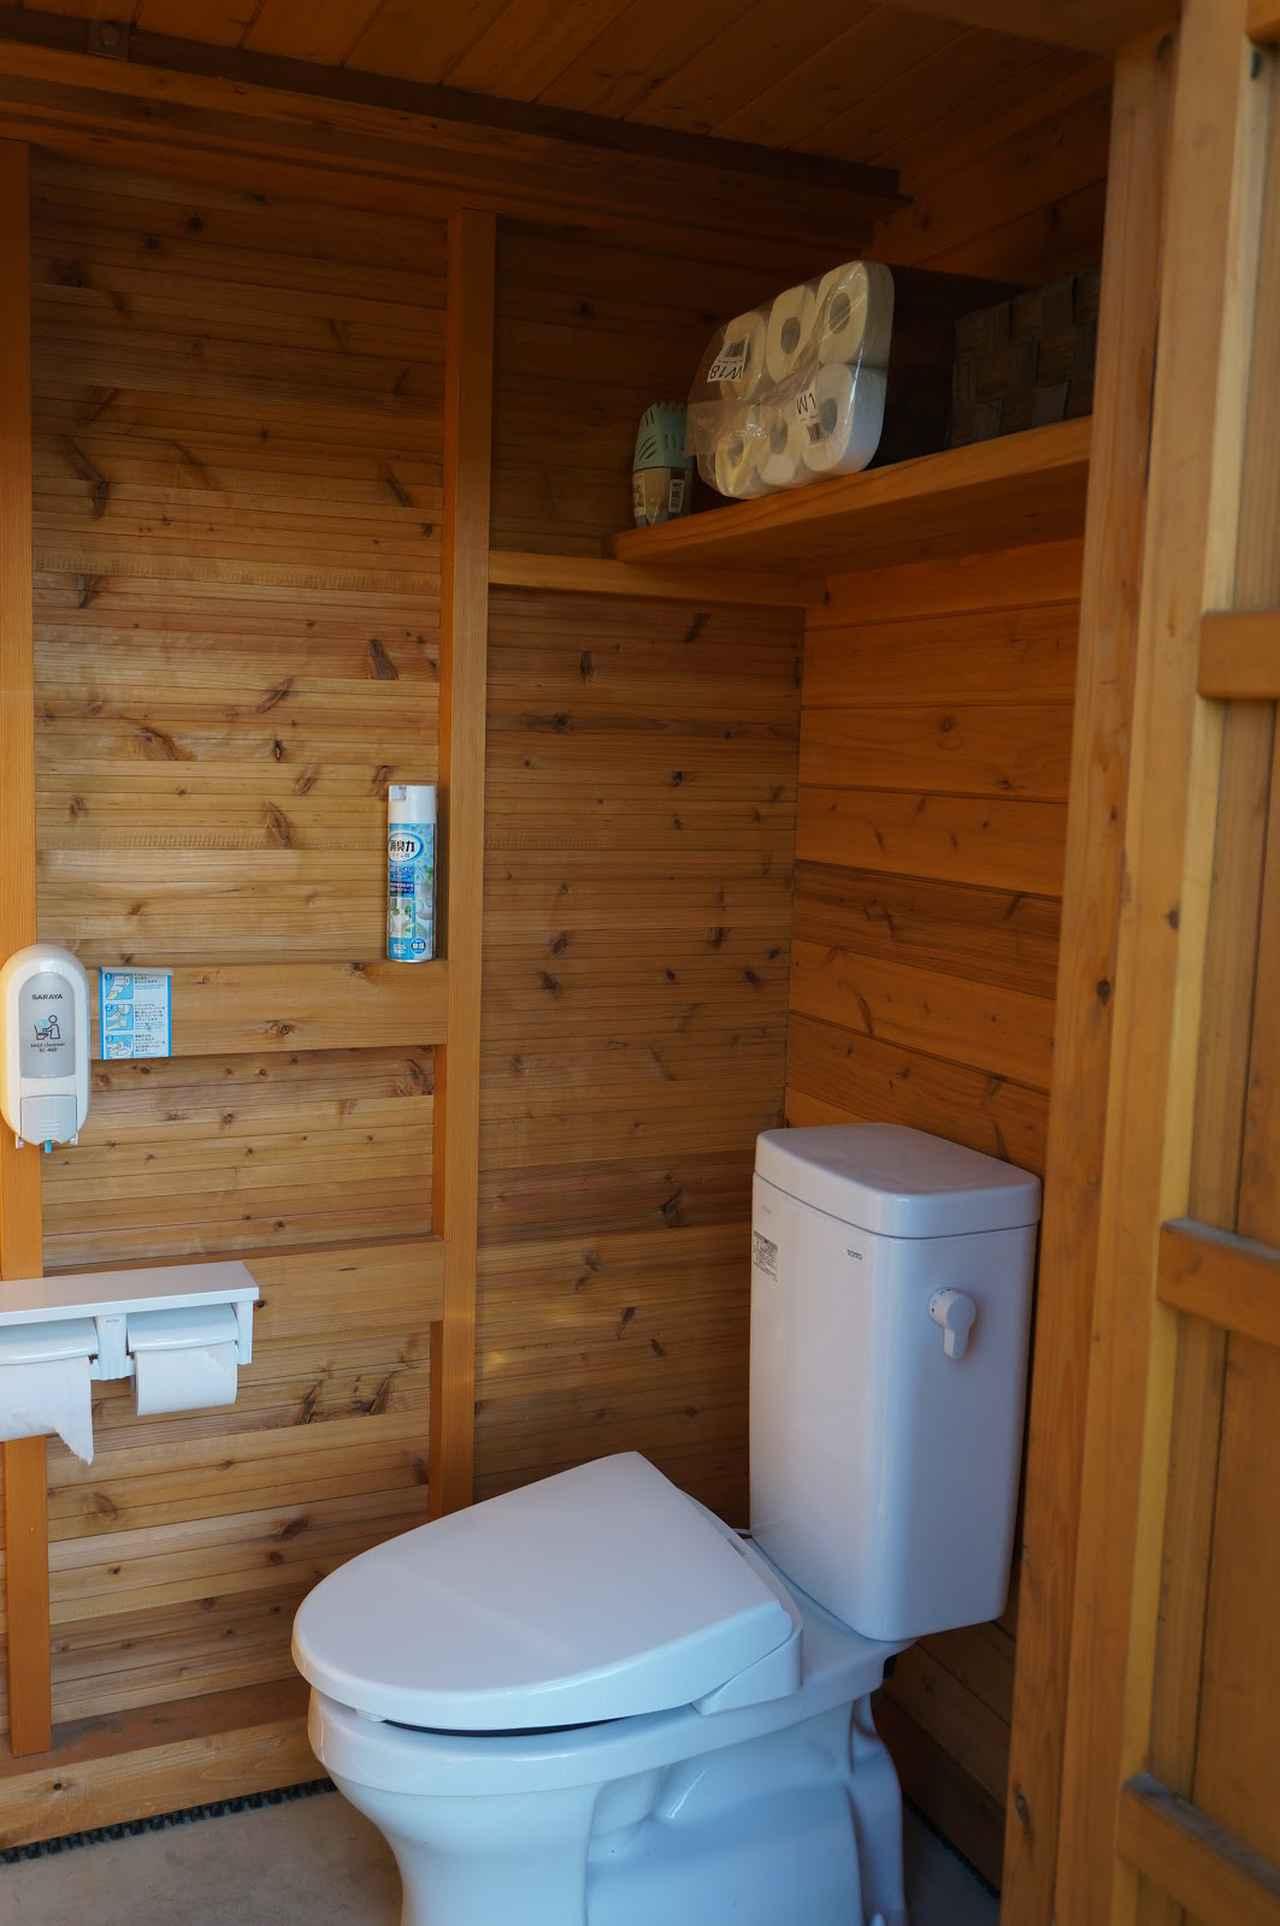 画像: 筆者撮影「トイレは新しく木の香りがします」